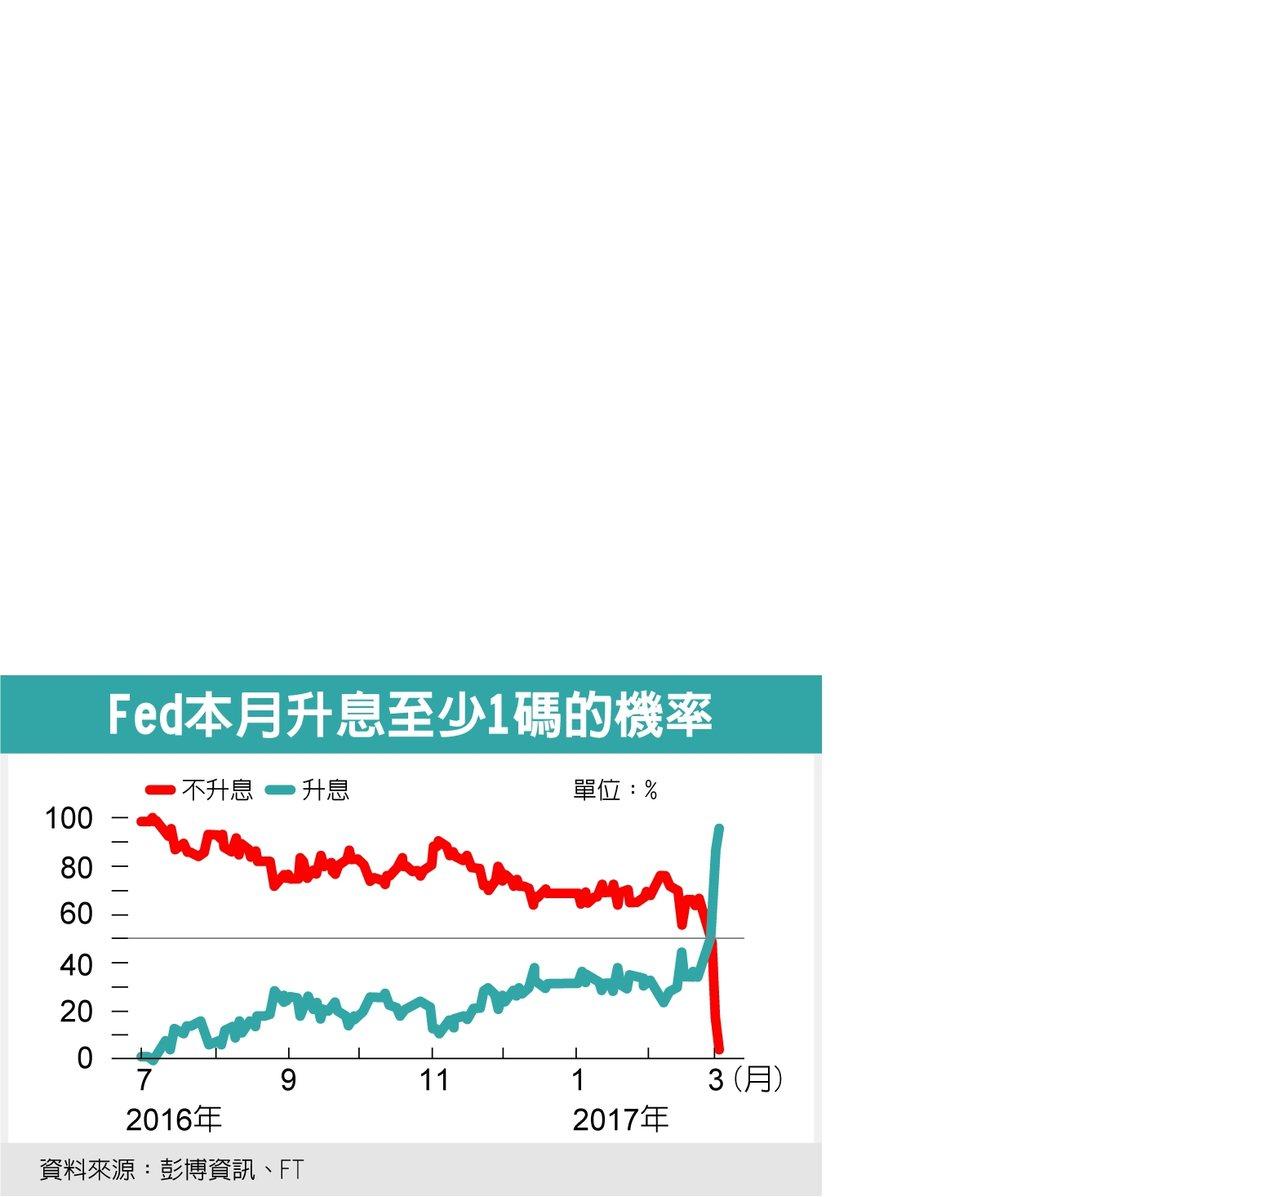 Fed本月升息至少1碼的機率 資料來源:彭博資訊、FT